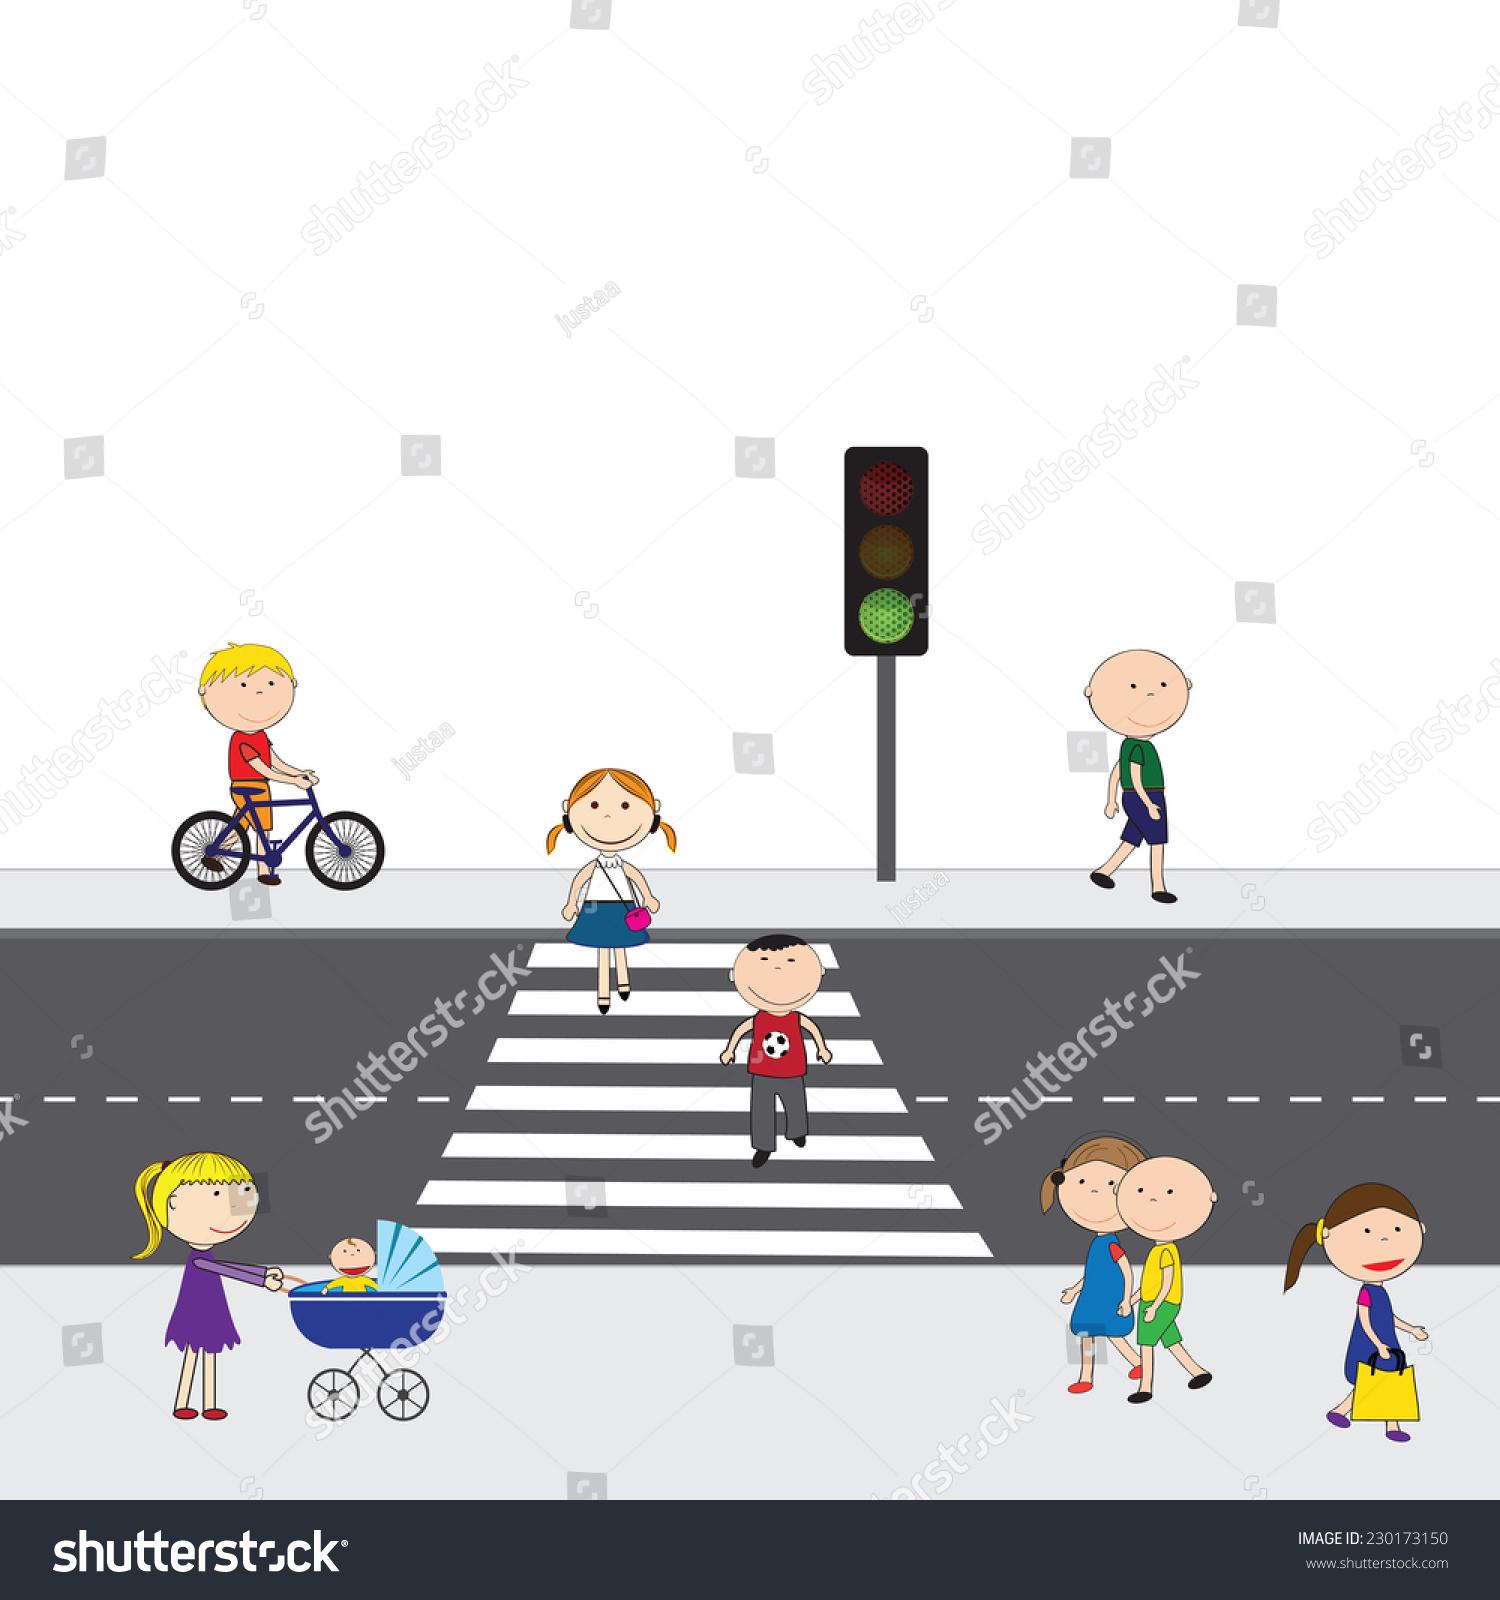 插图的人过马路-人物,公园/户外-海洛创意(hellorf)-.